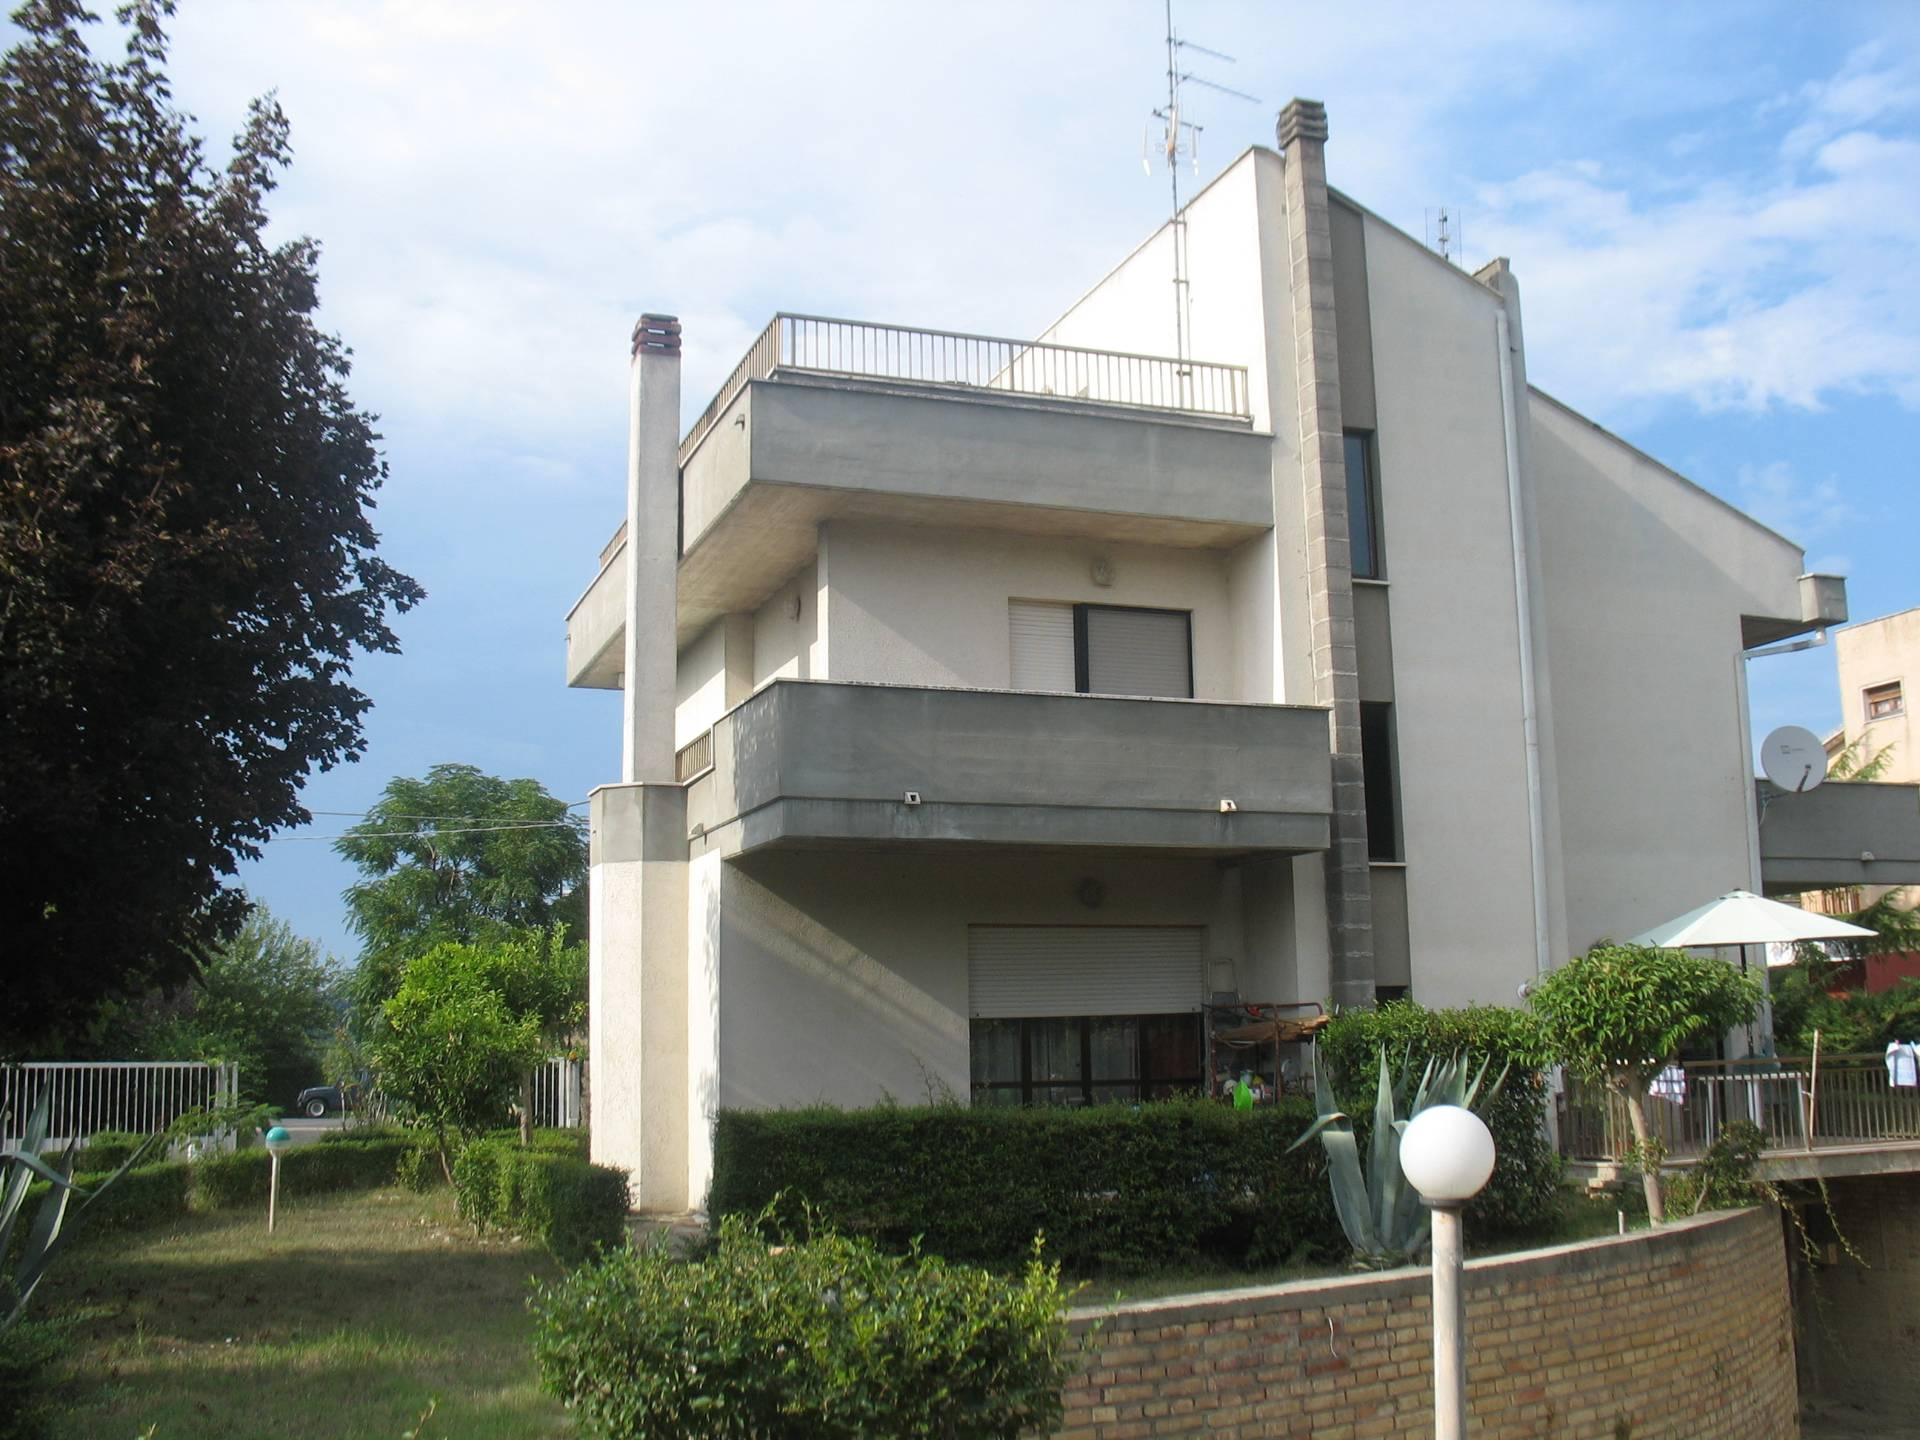 Villa in vendita a Moscufo, 9 locali, zona Località: ValleMolino, prezzo € 260.000 | CambioCasa.it